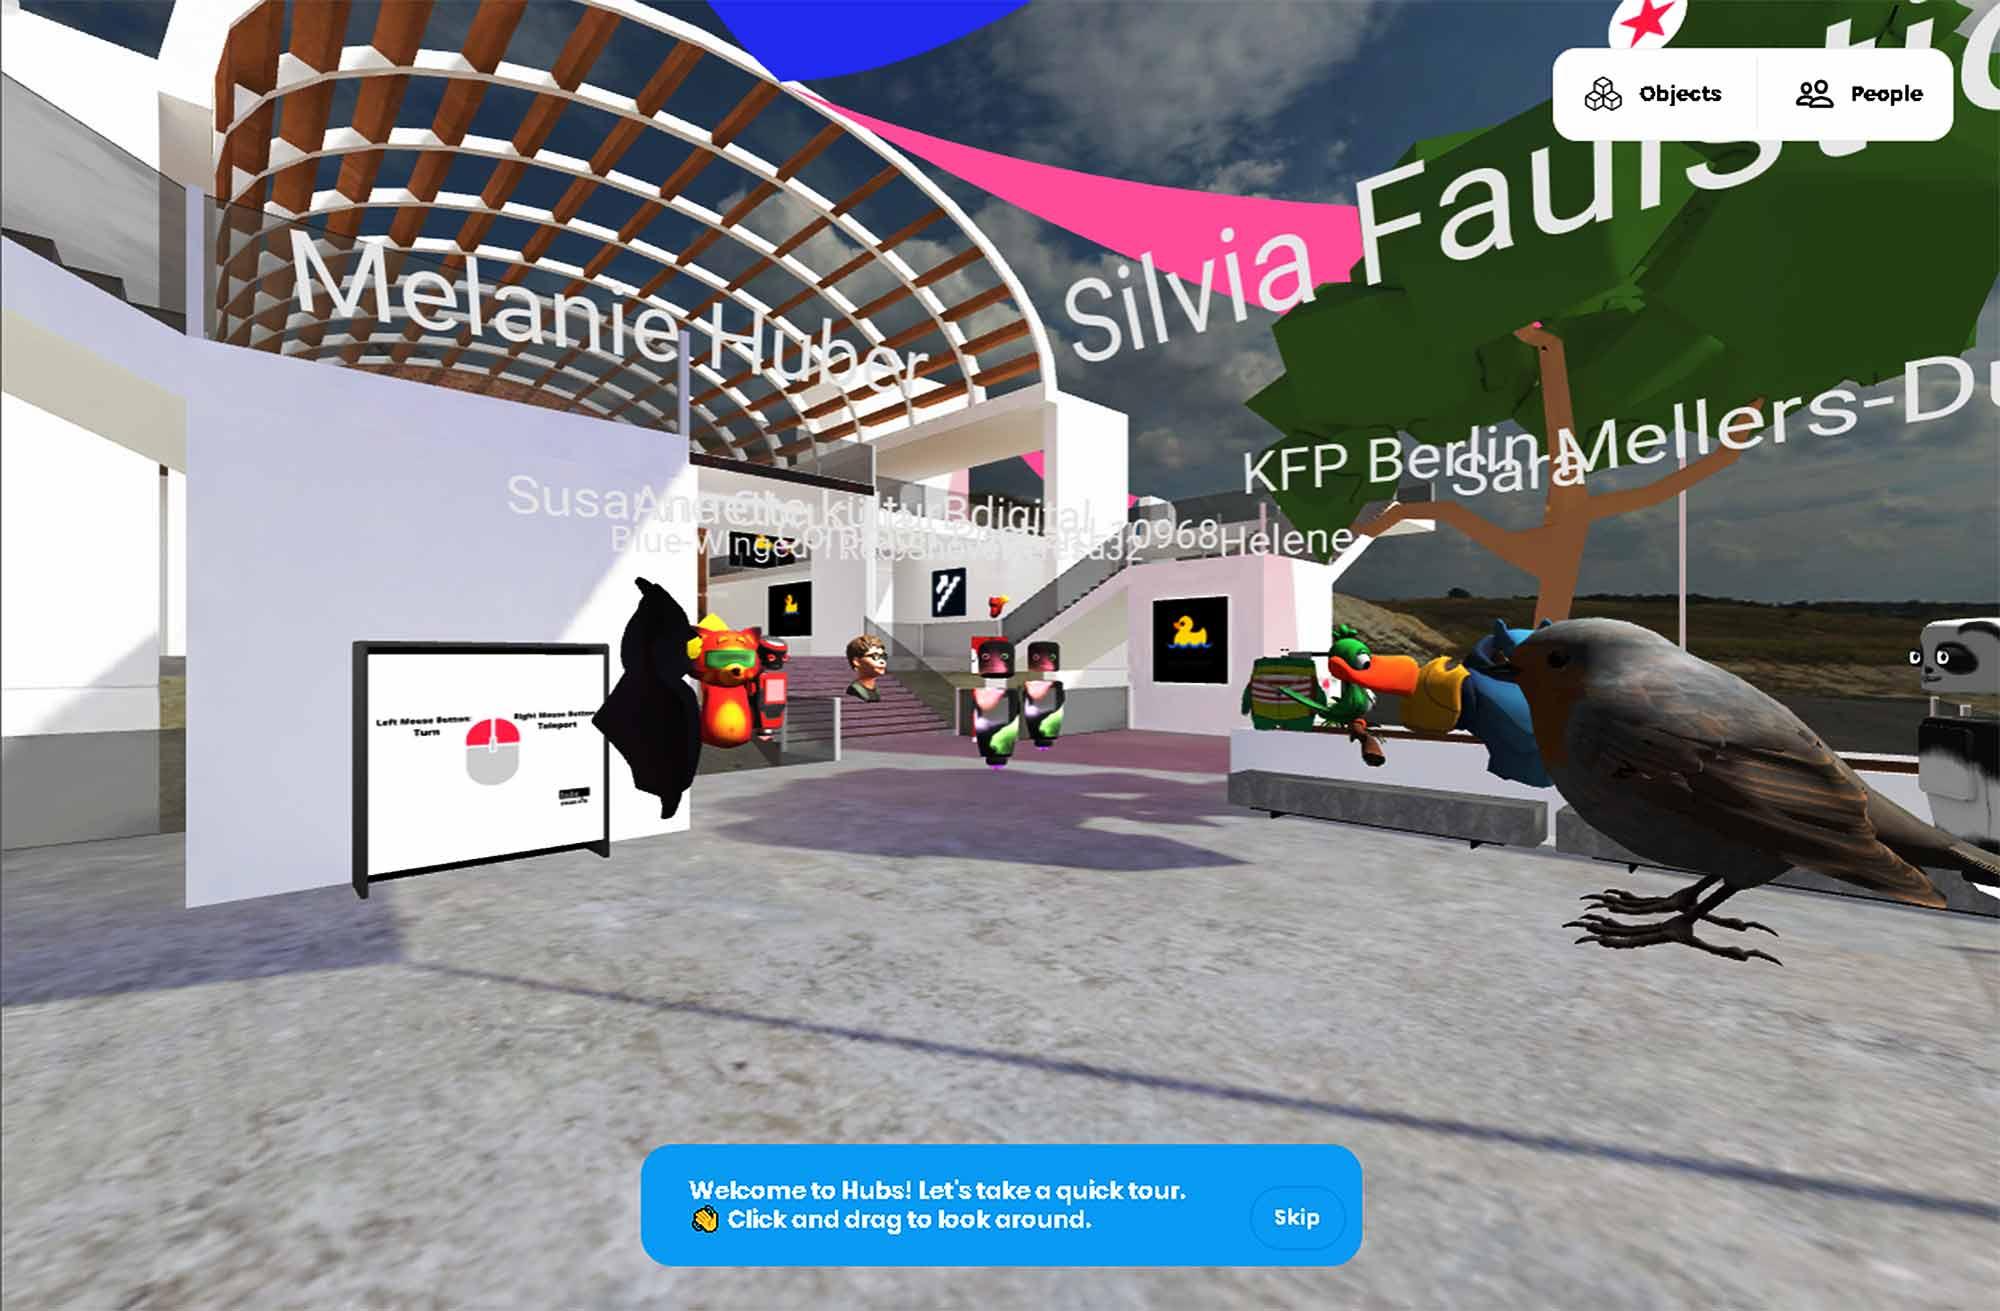 Screenshot hubsmozilla.com: Fantasie- und Tier-Avatare stehen im Kreis auf einem Platz vor einem offenen Eingangsportal mit dem Meer im Hintergrund.